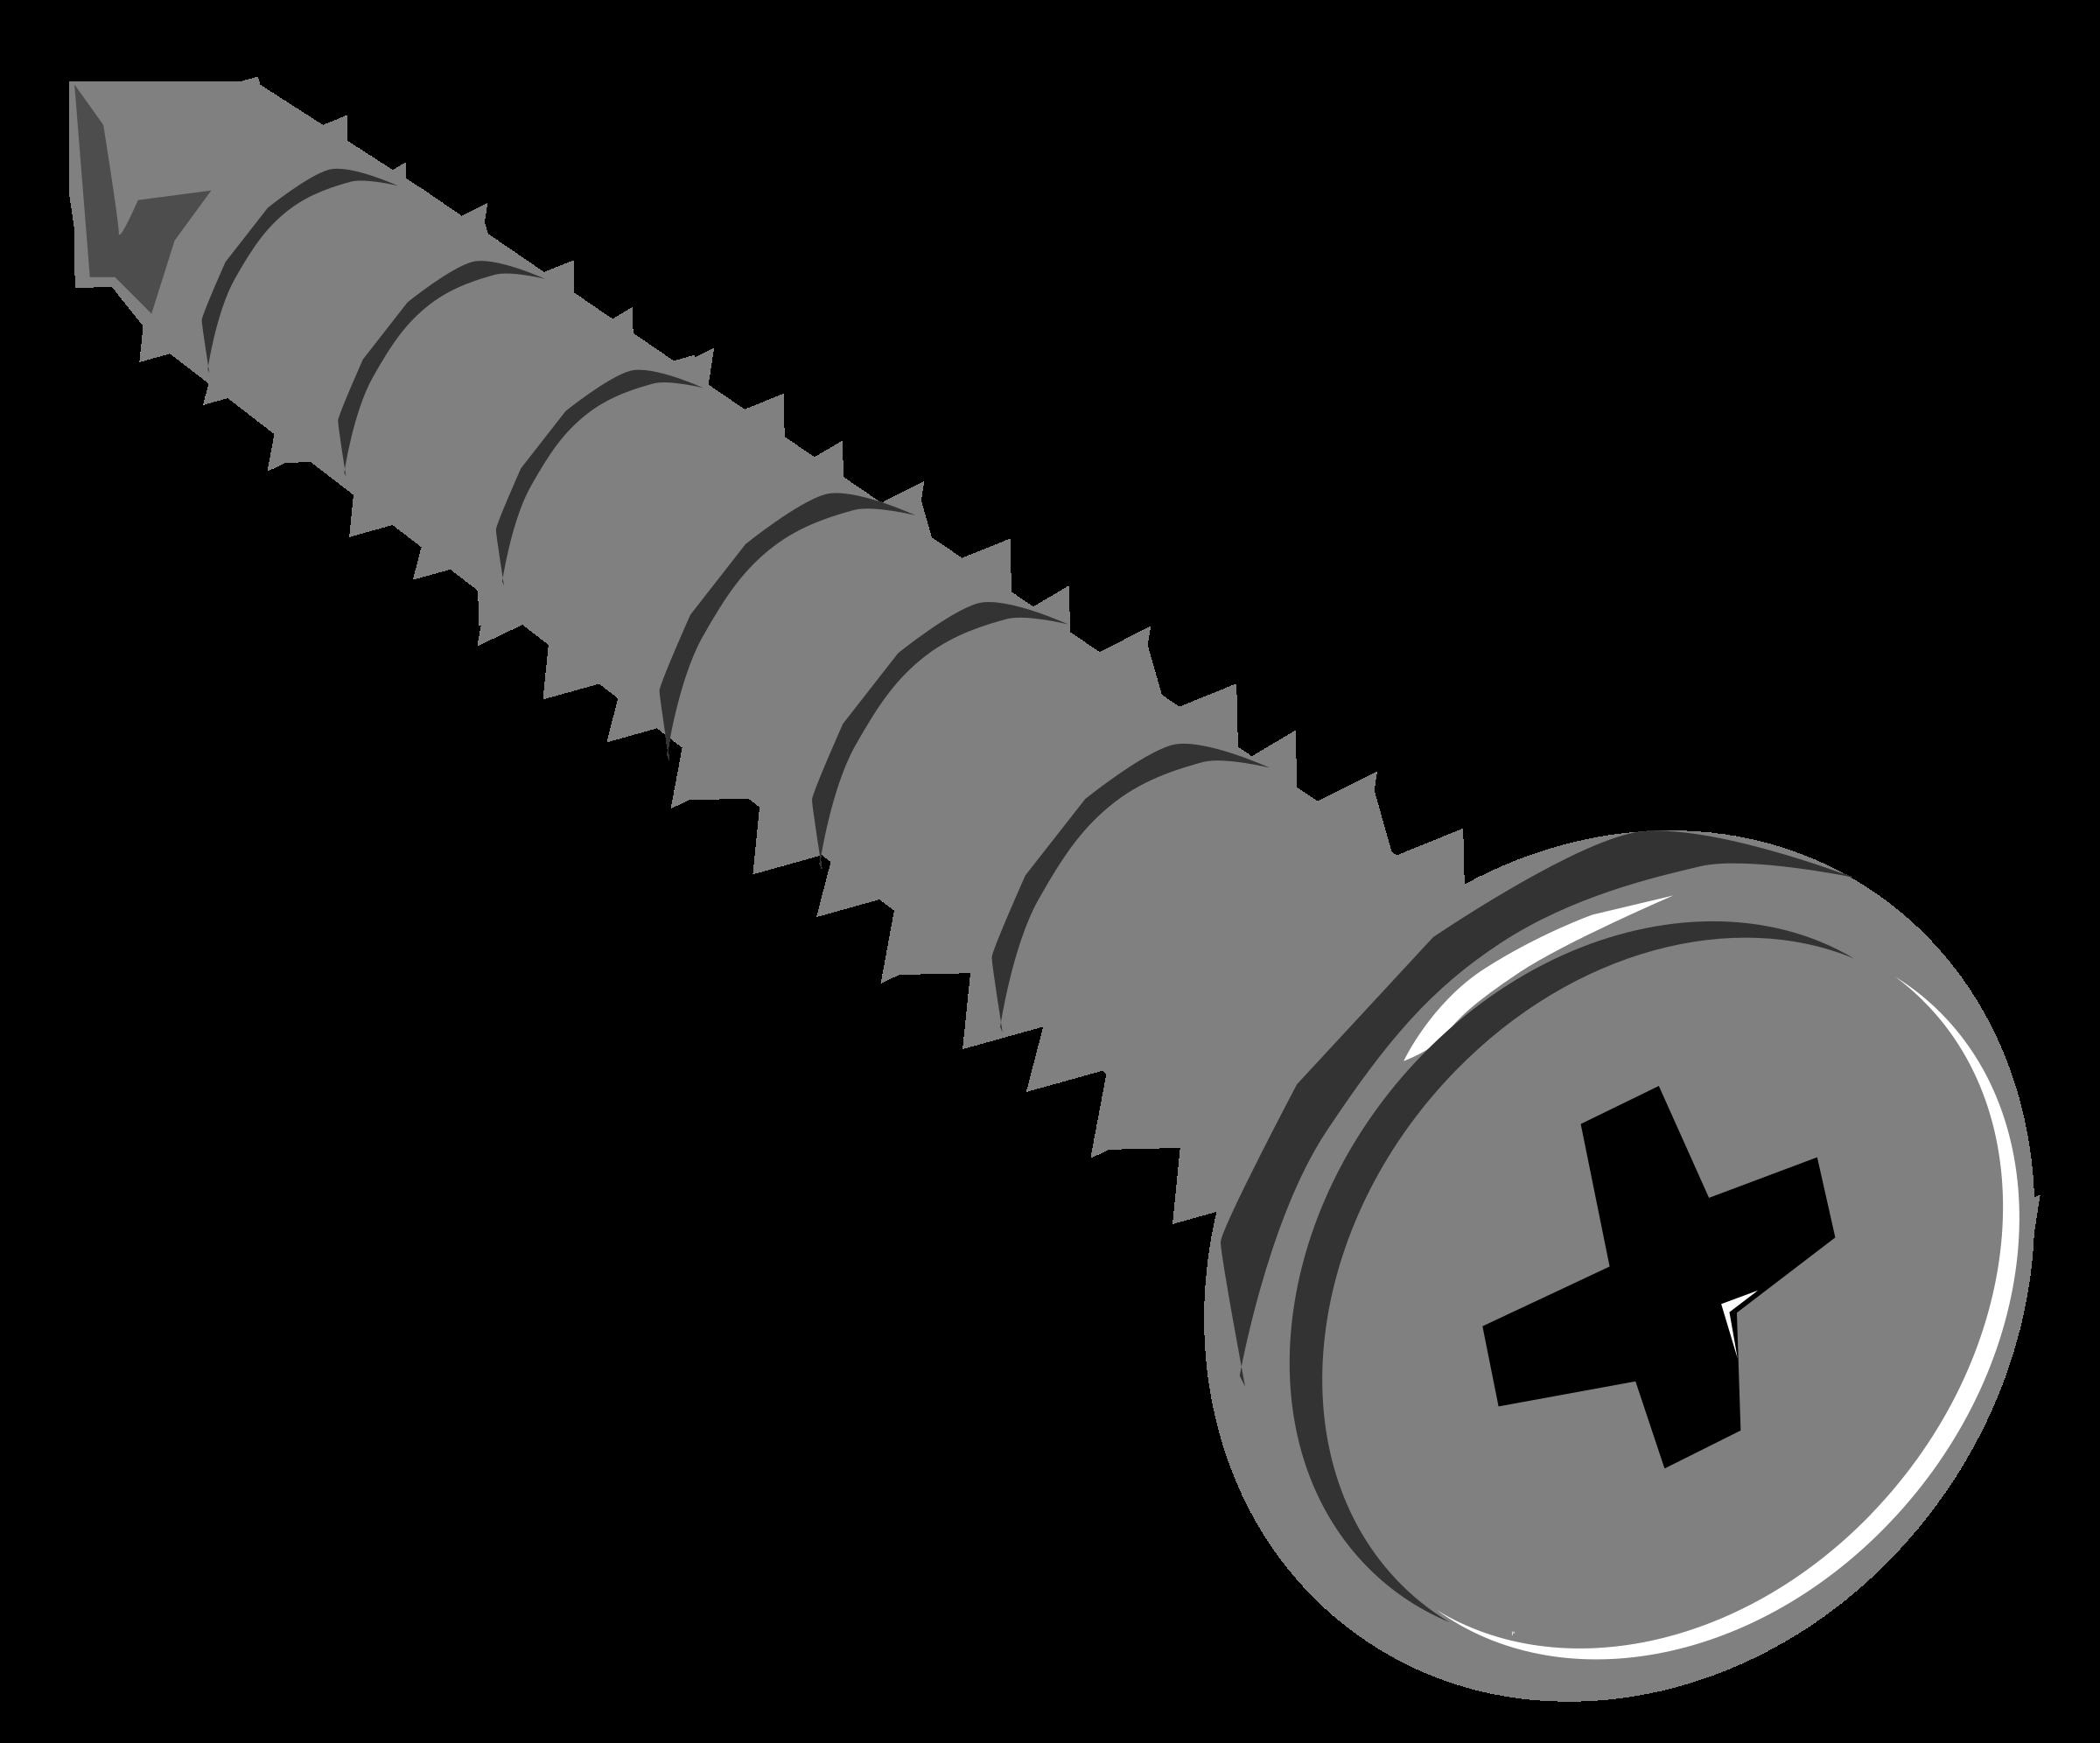 Screws clipart #12